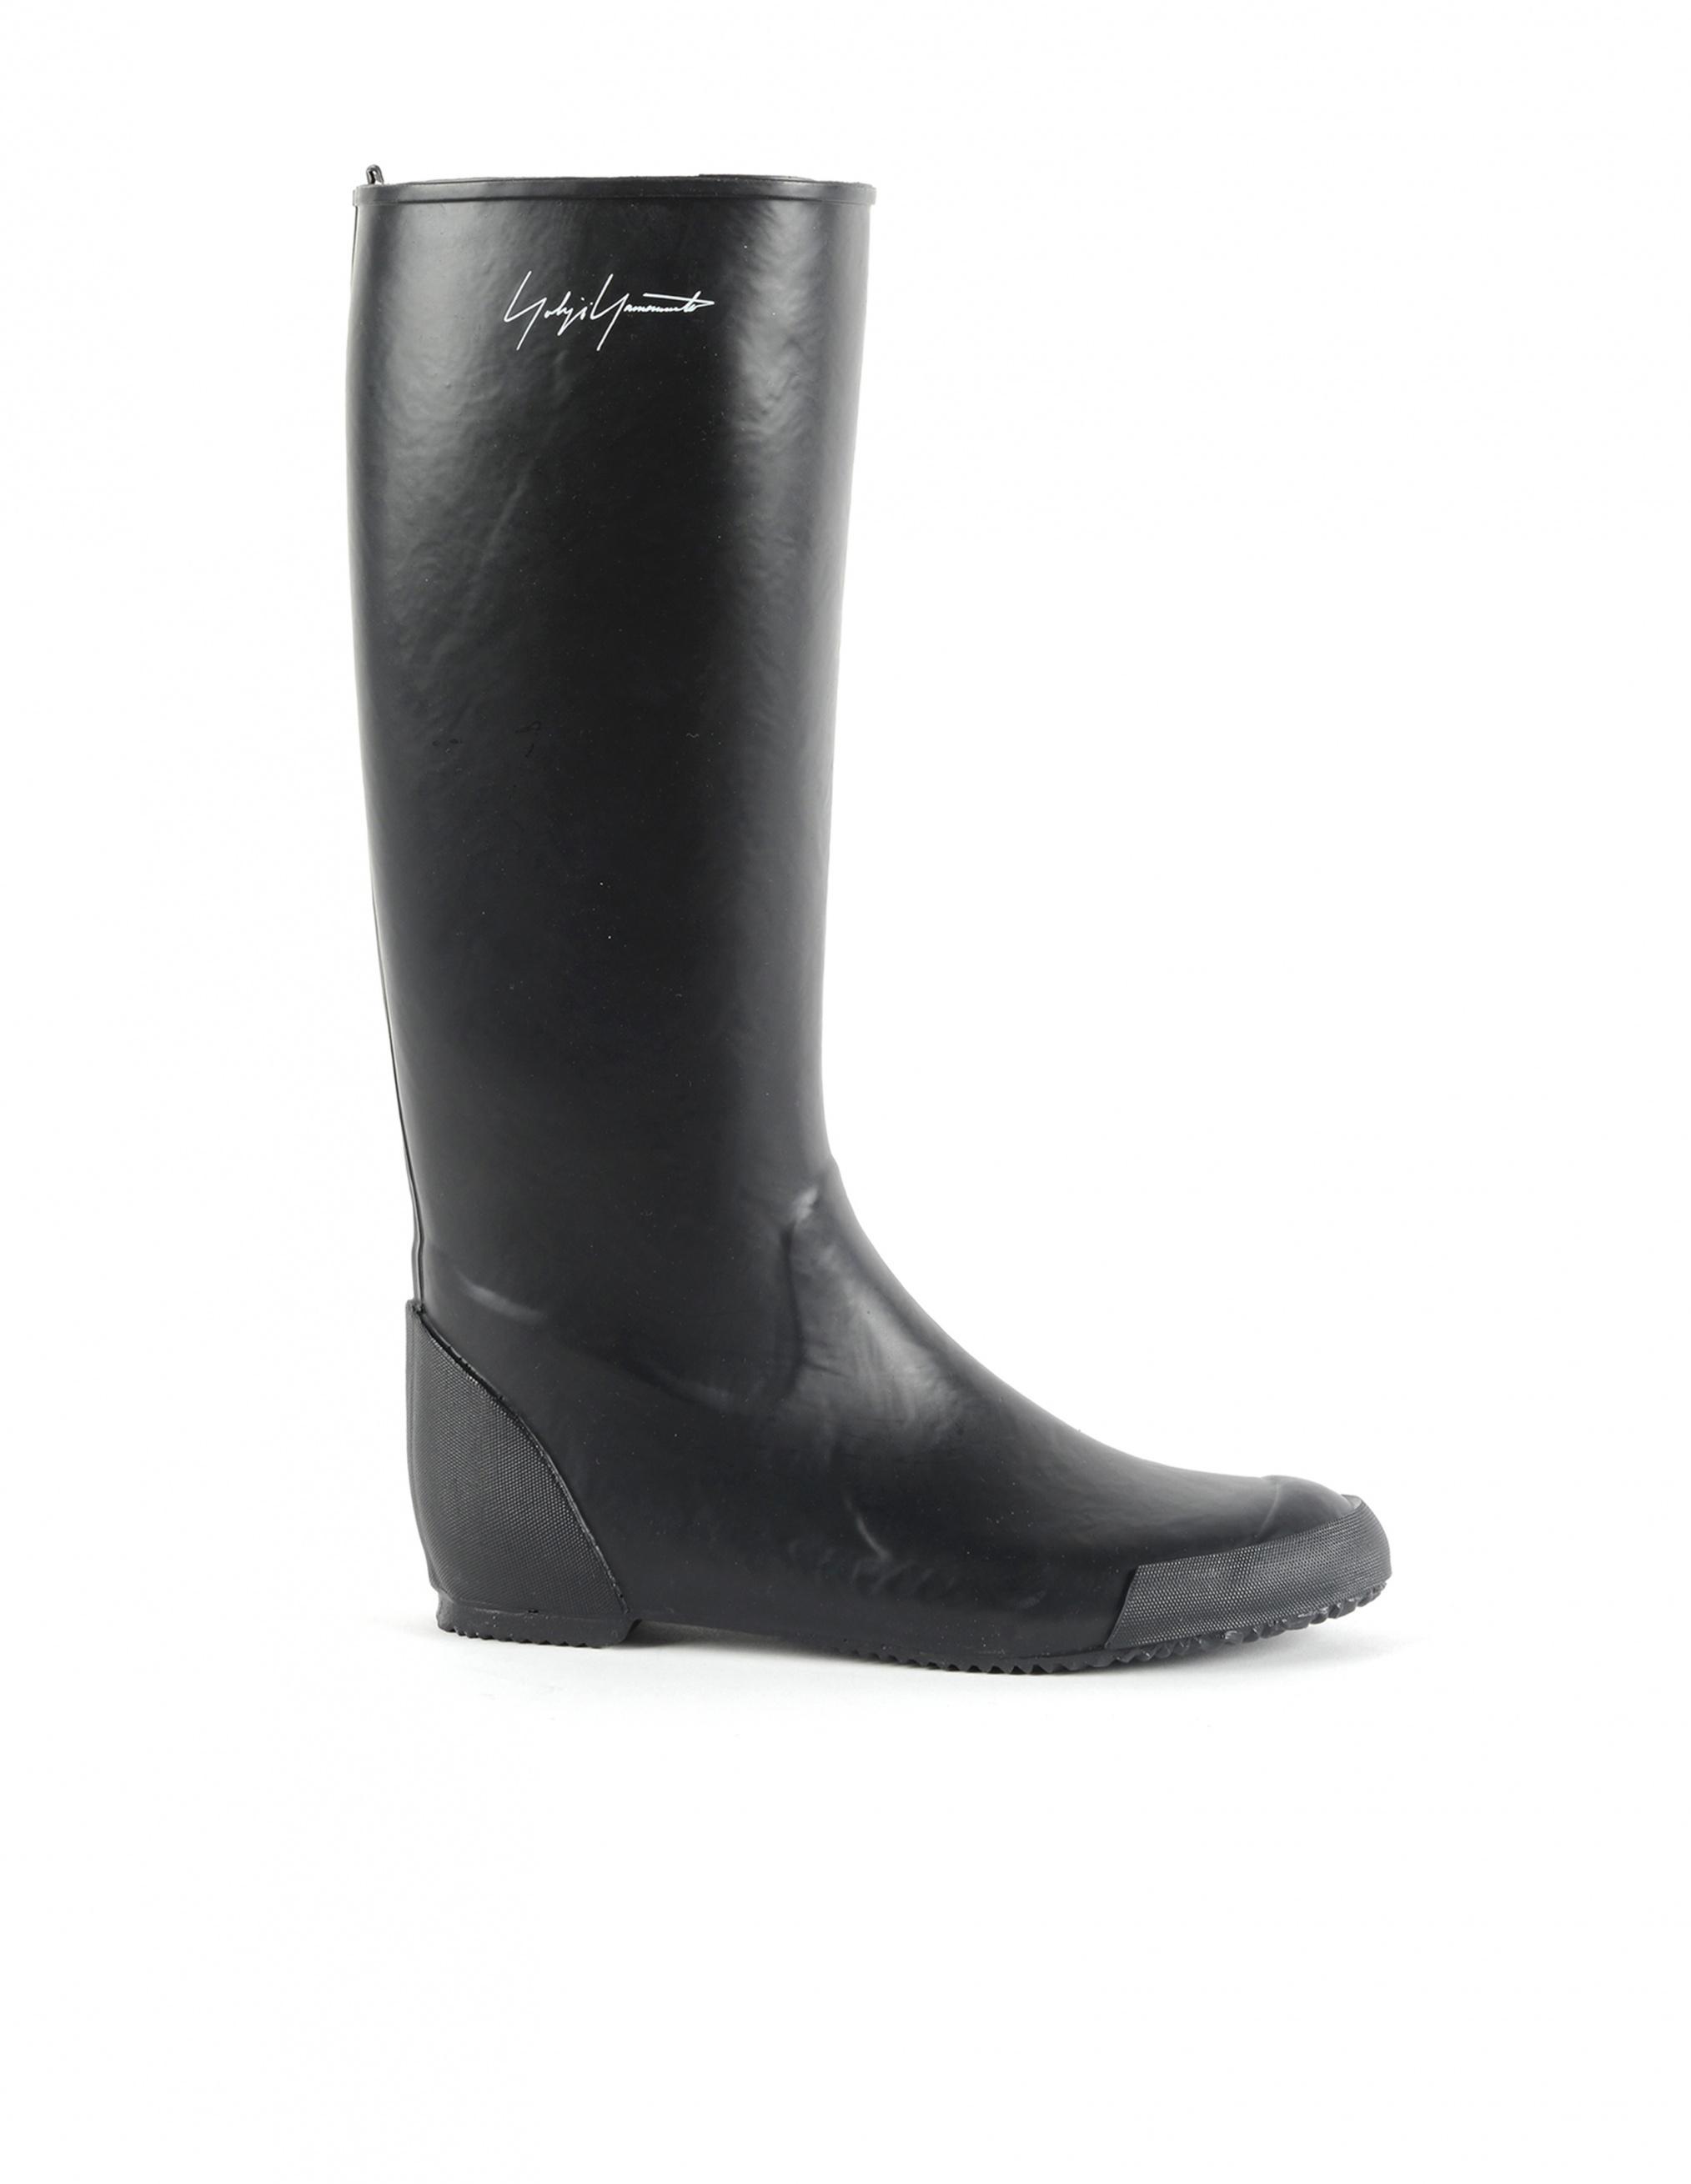 bdba0a12833bb Yohji Yamamoto Rubber Boots in Black - Lyst